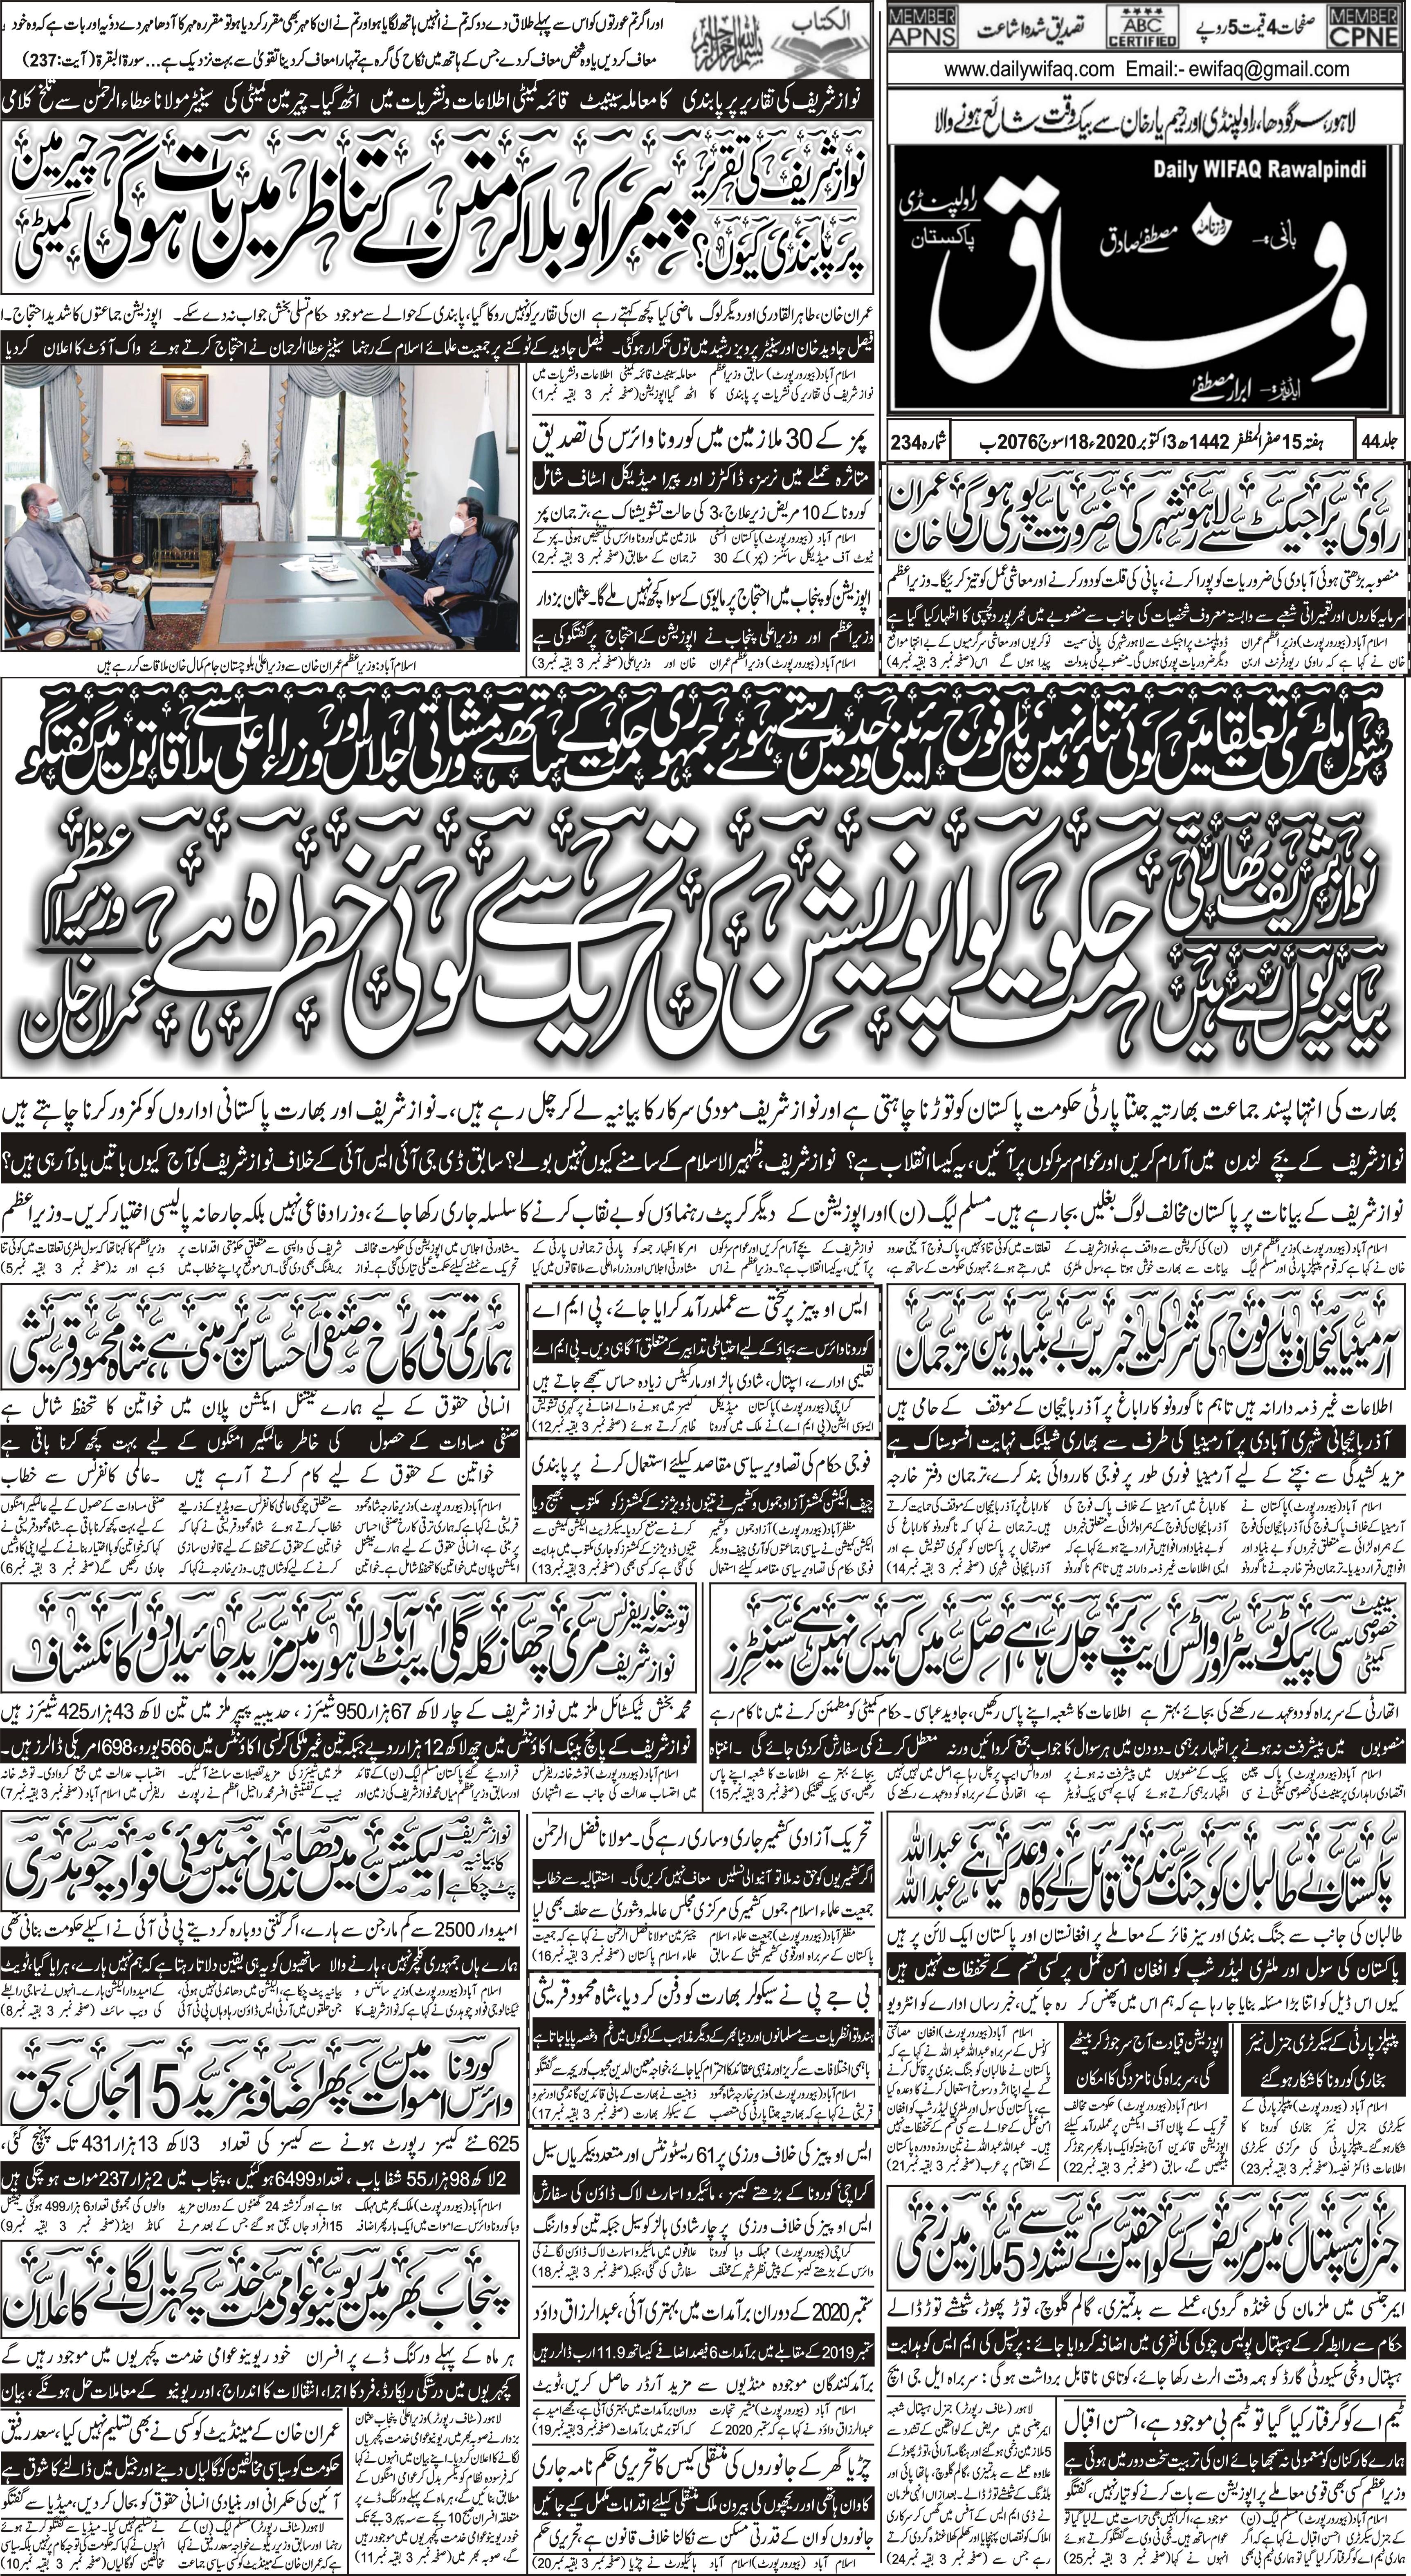 e-Paper – Daily Wifaq – Rawalpindi – 03-10-2020